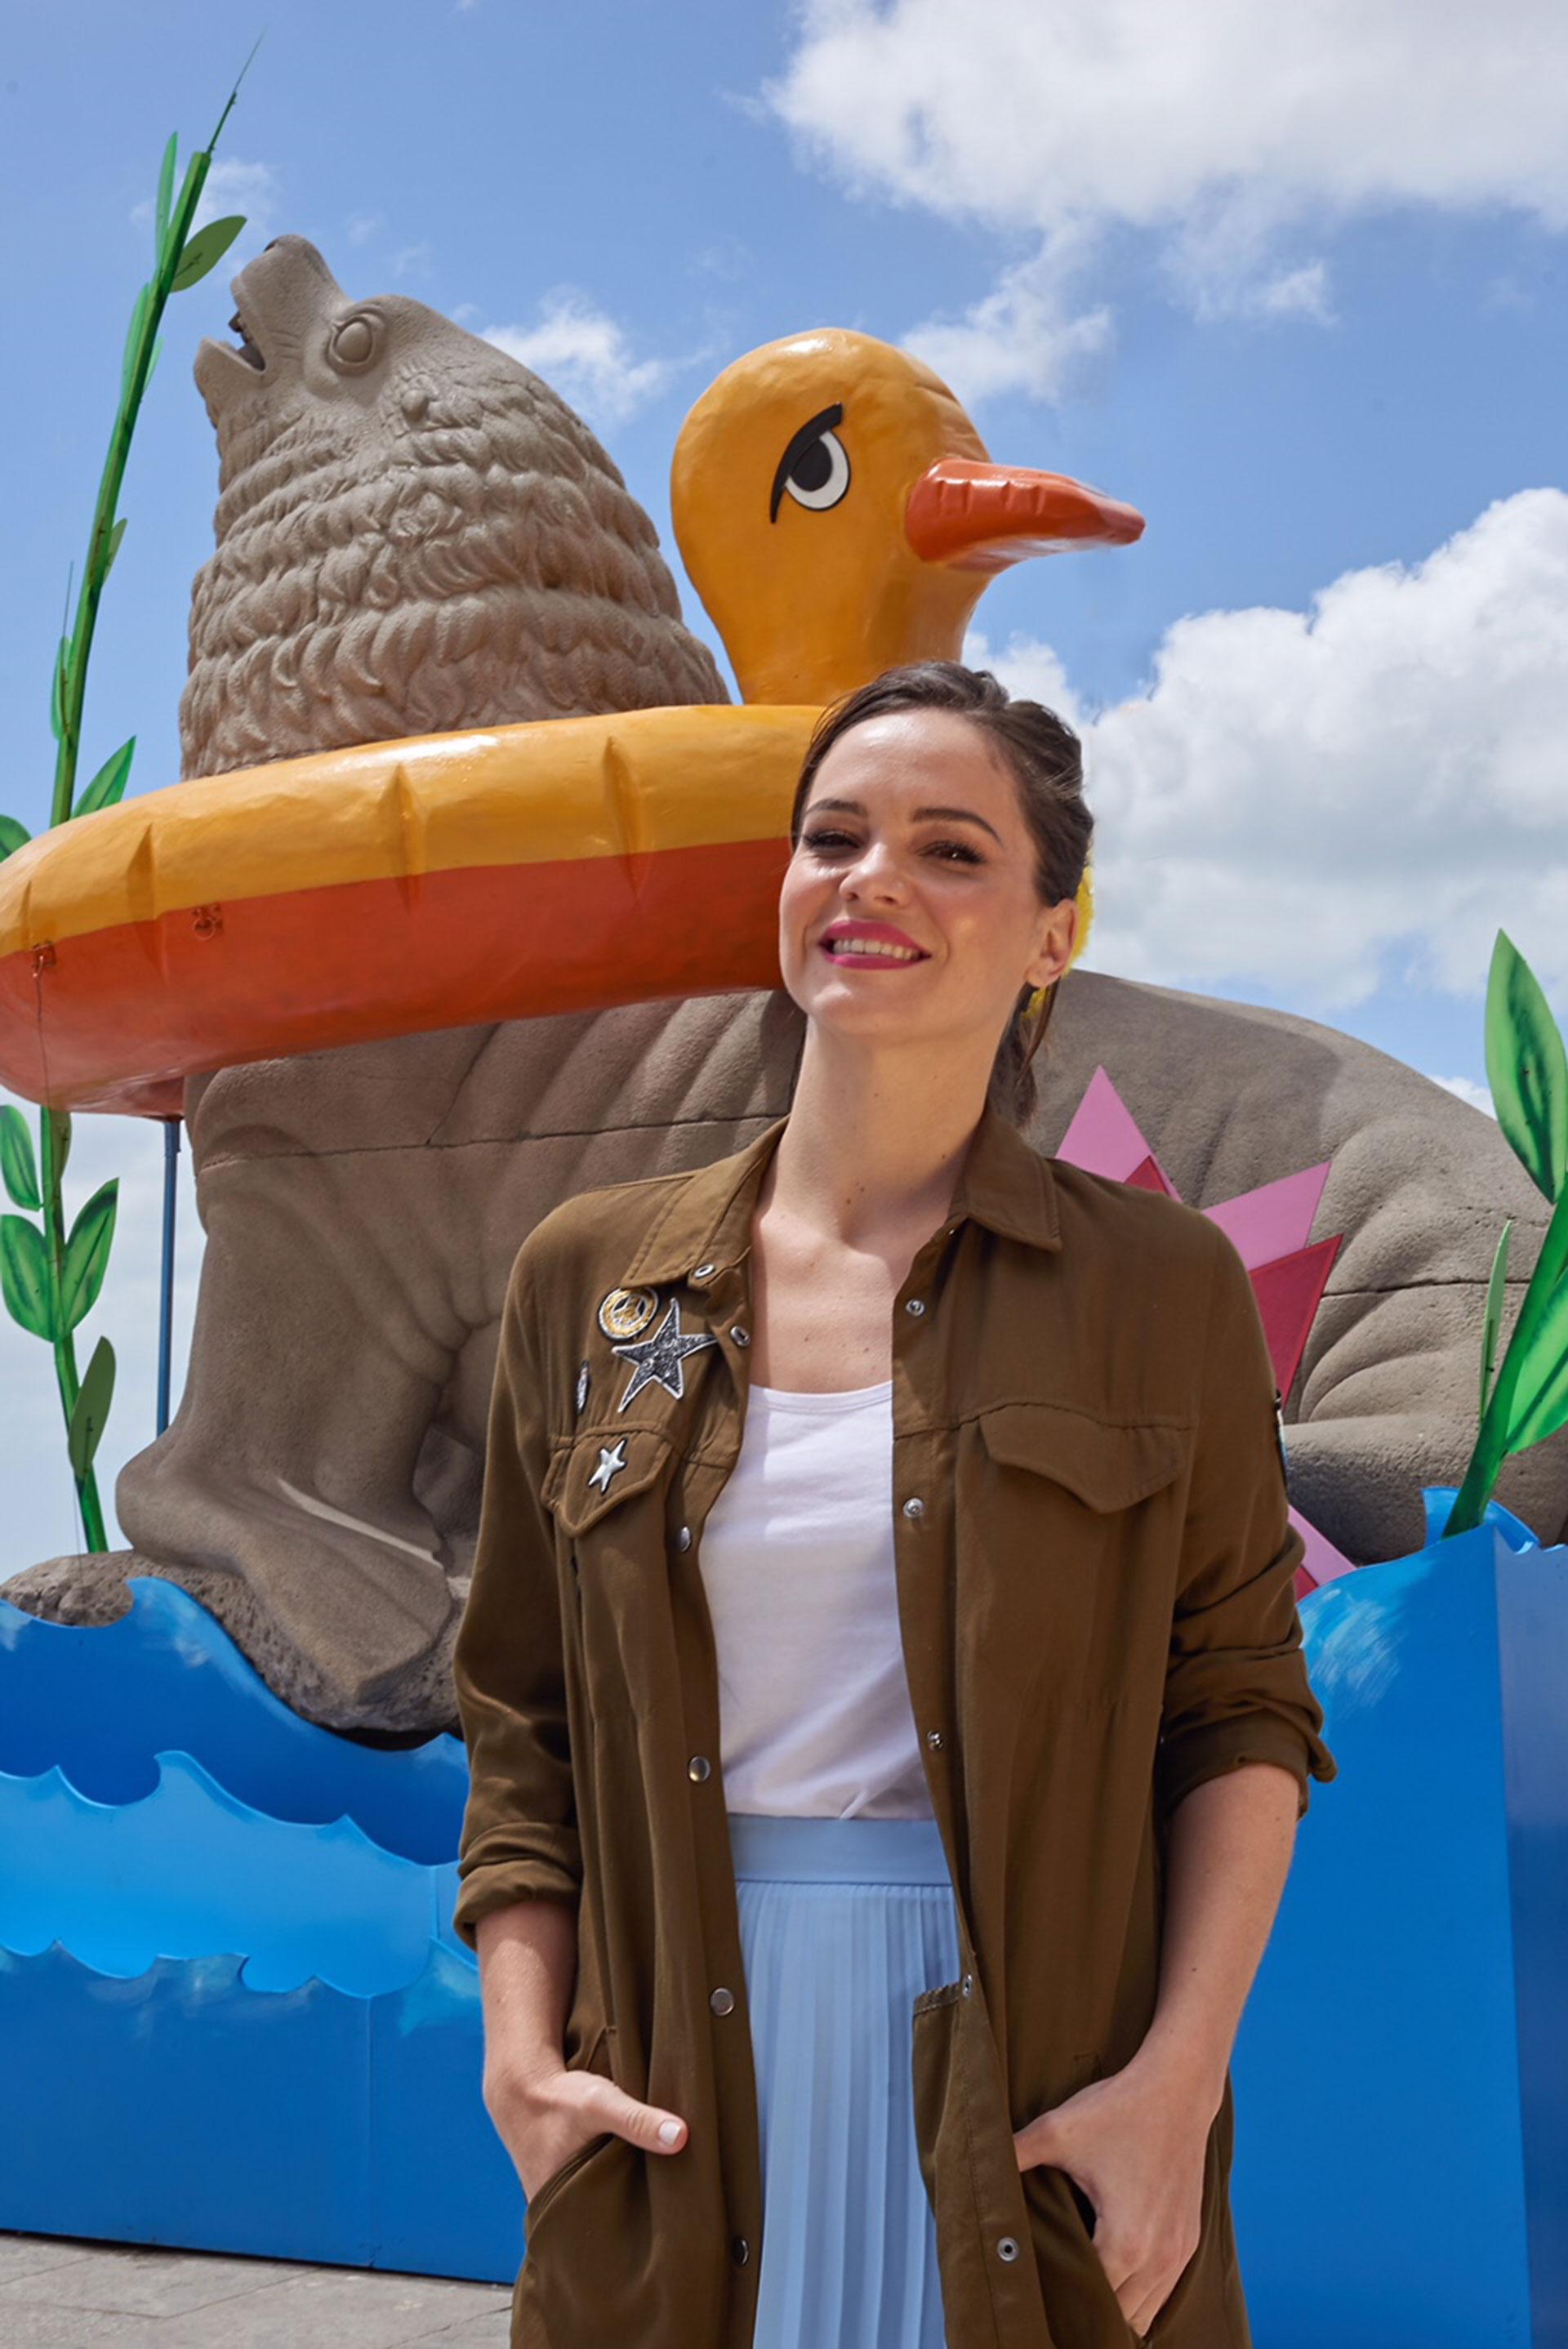 Luz Cipriota aprovechó el tiempo y disfrutó de las grandes propuestas y pasó por la rampa de La Feliz para sacarse la foto junto al mítico lobo de mar intervenido por el renombrado artista Marcos López.